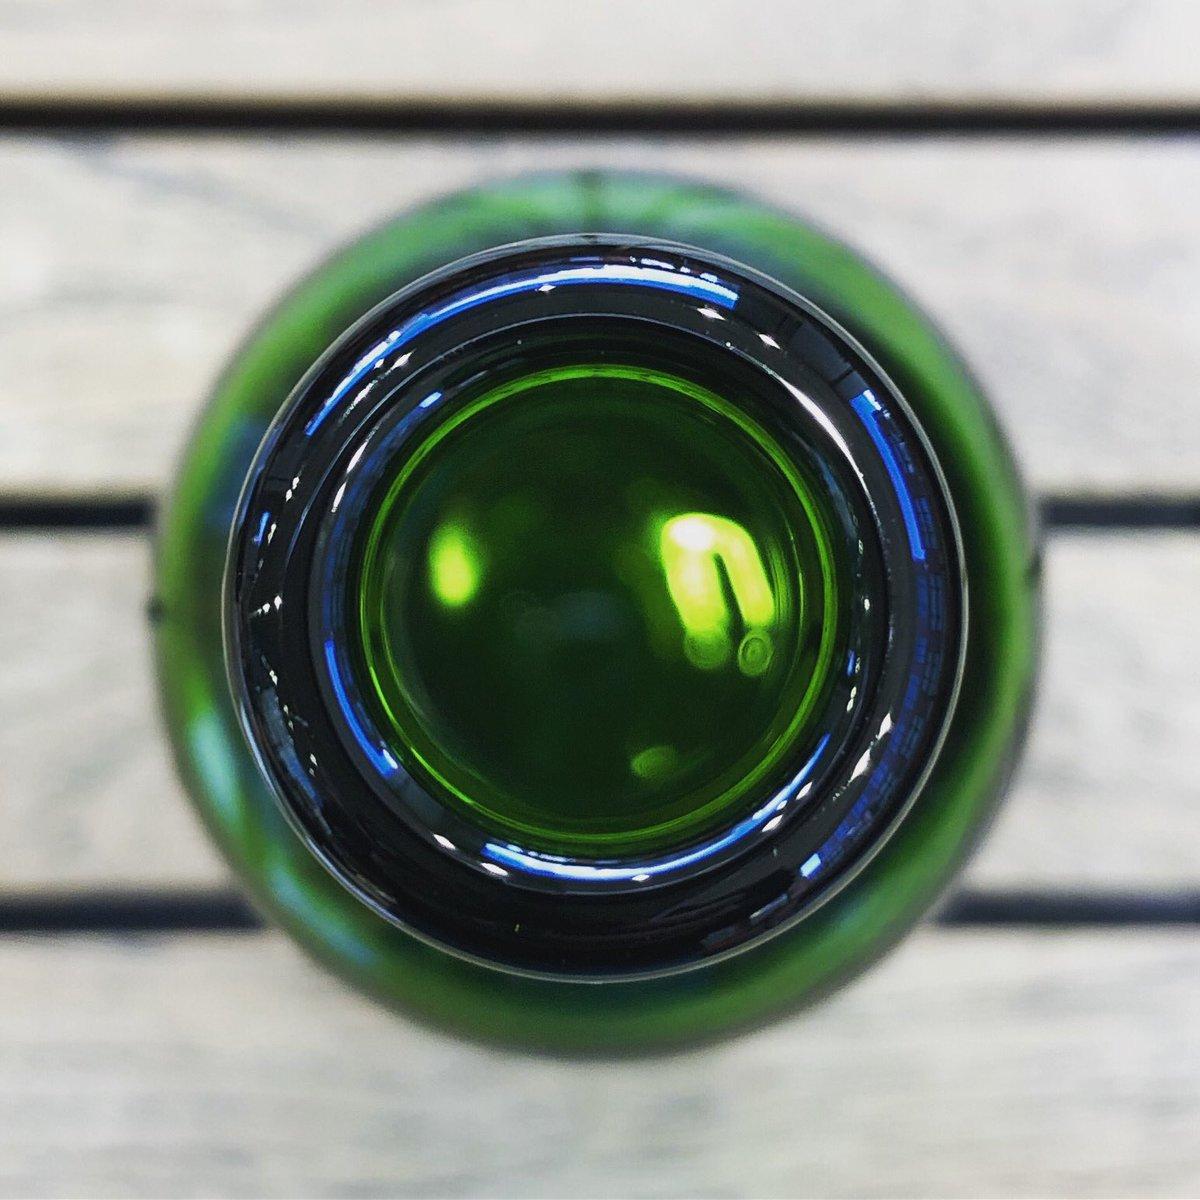 ハートランドの瓶の上からの写真 真上から覗きこむことはないので、なかなか新鮮です  緑が綺麗  #はーとらんど #はーとらんどびーる #heartlandbeer #hertland #ビール大好き #ビール好き #緑 #green #beautiful #cool #lovely #art #photography #beerart #photooftheday #photoshoot #綺麗 #ビール